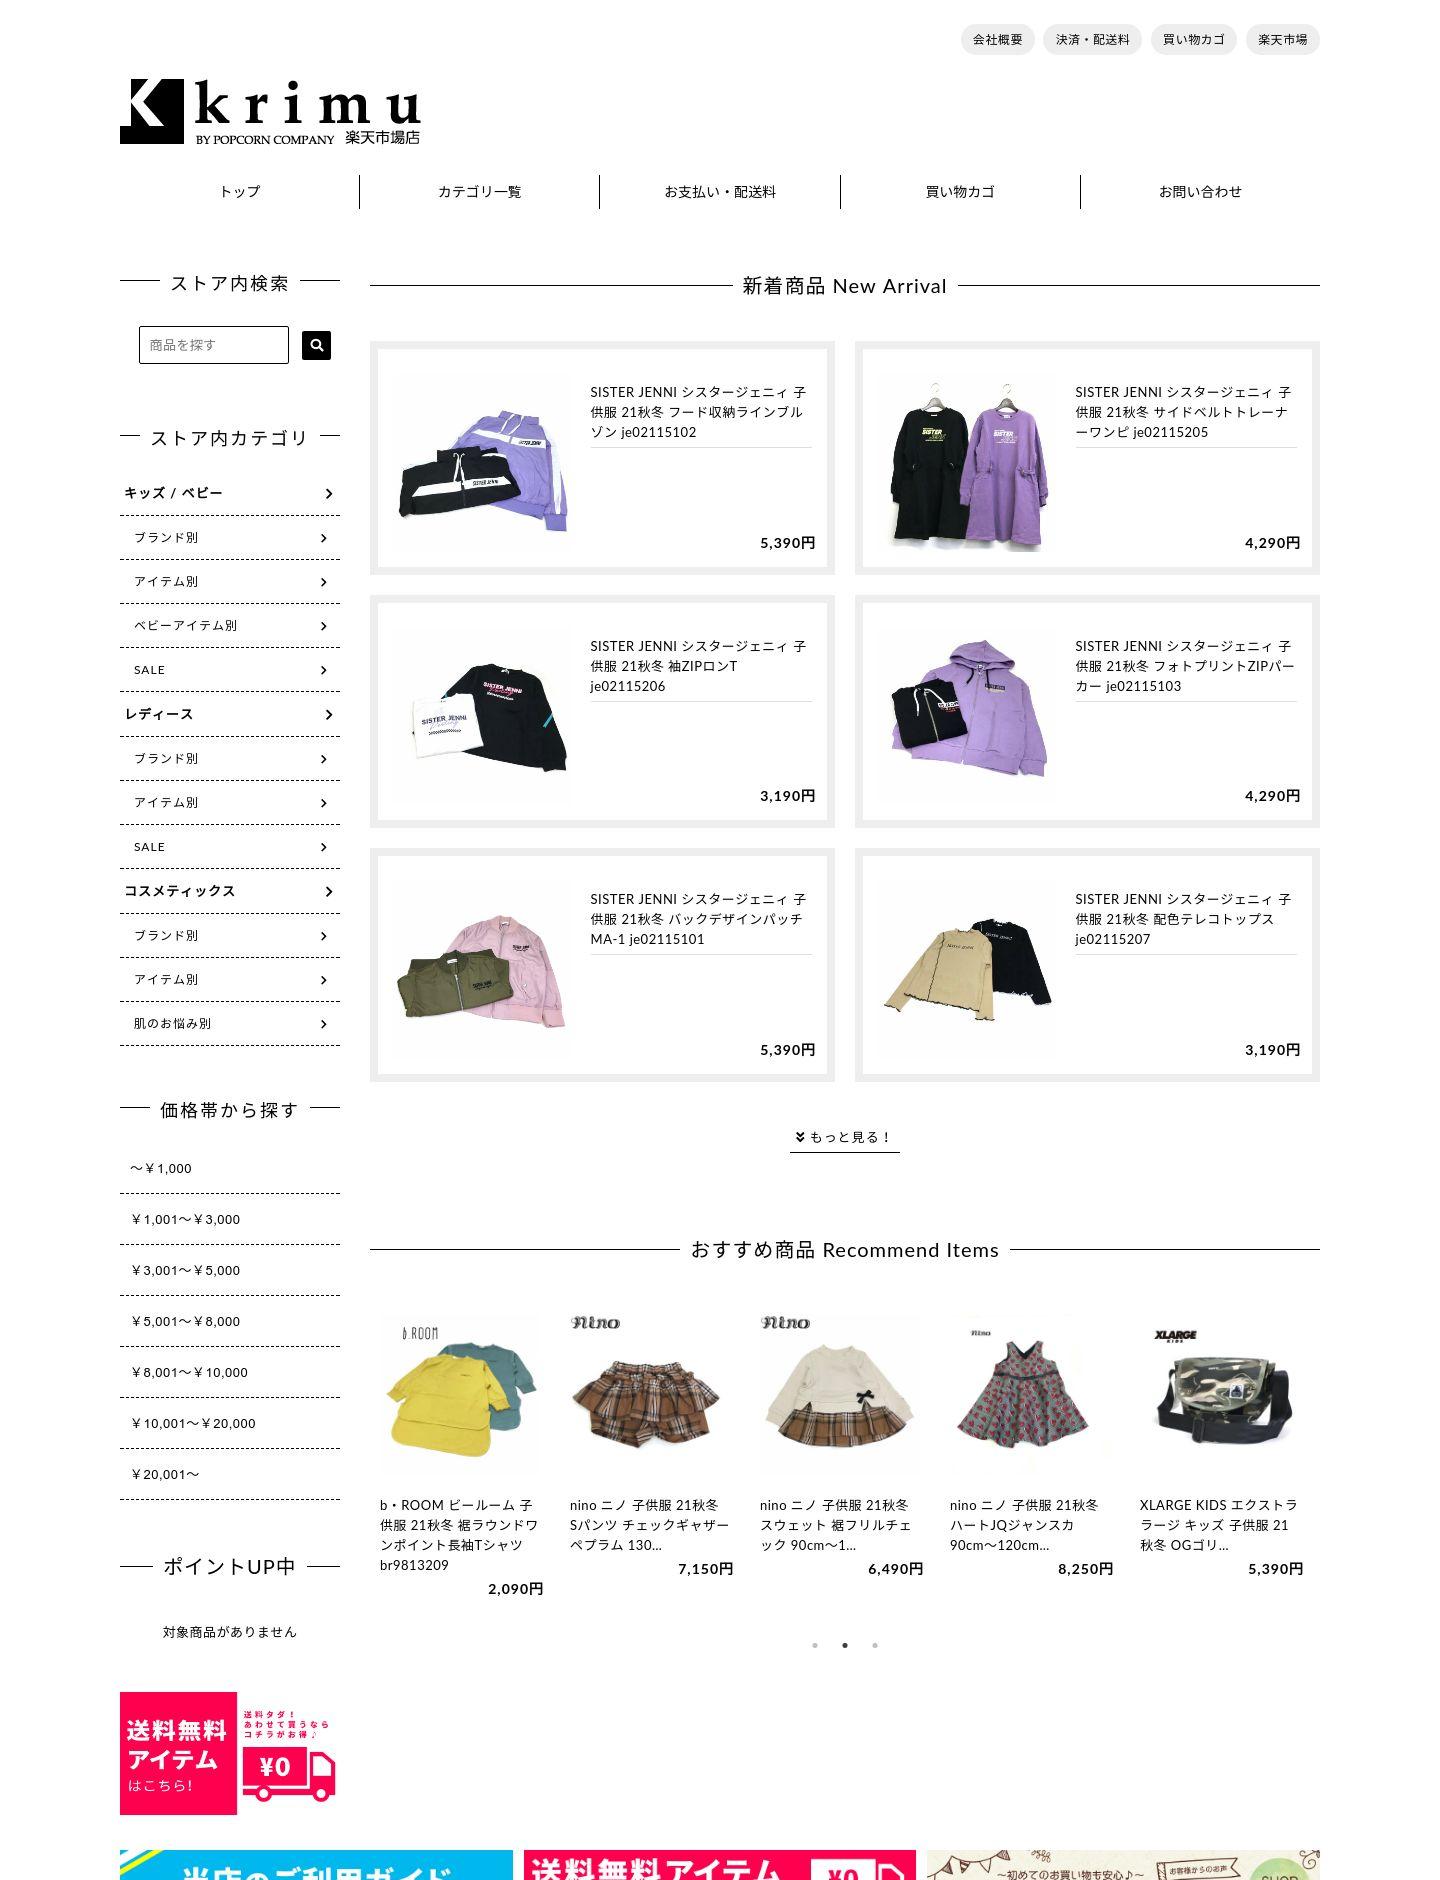 krimu 楽天市場店様 サイト画像